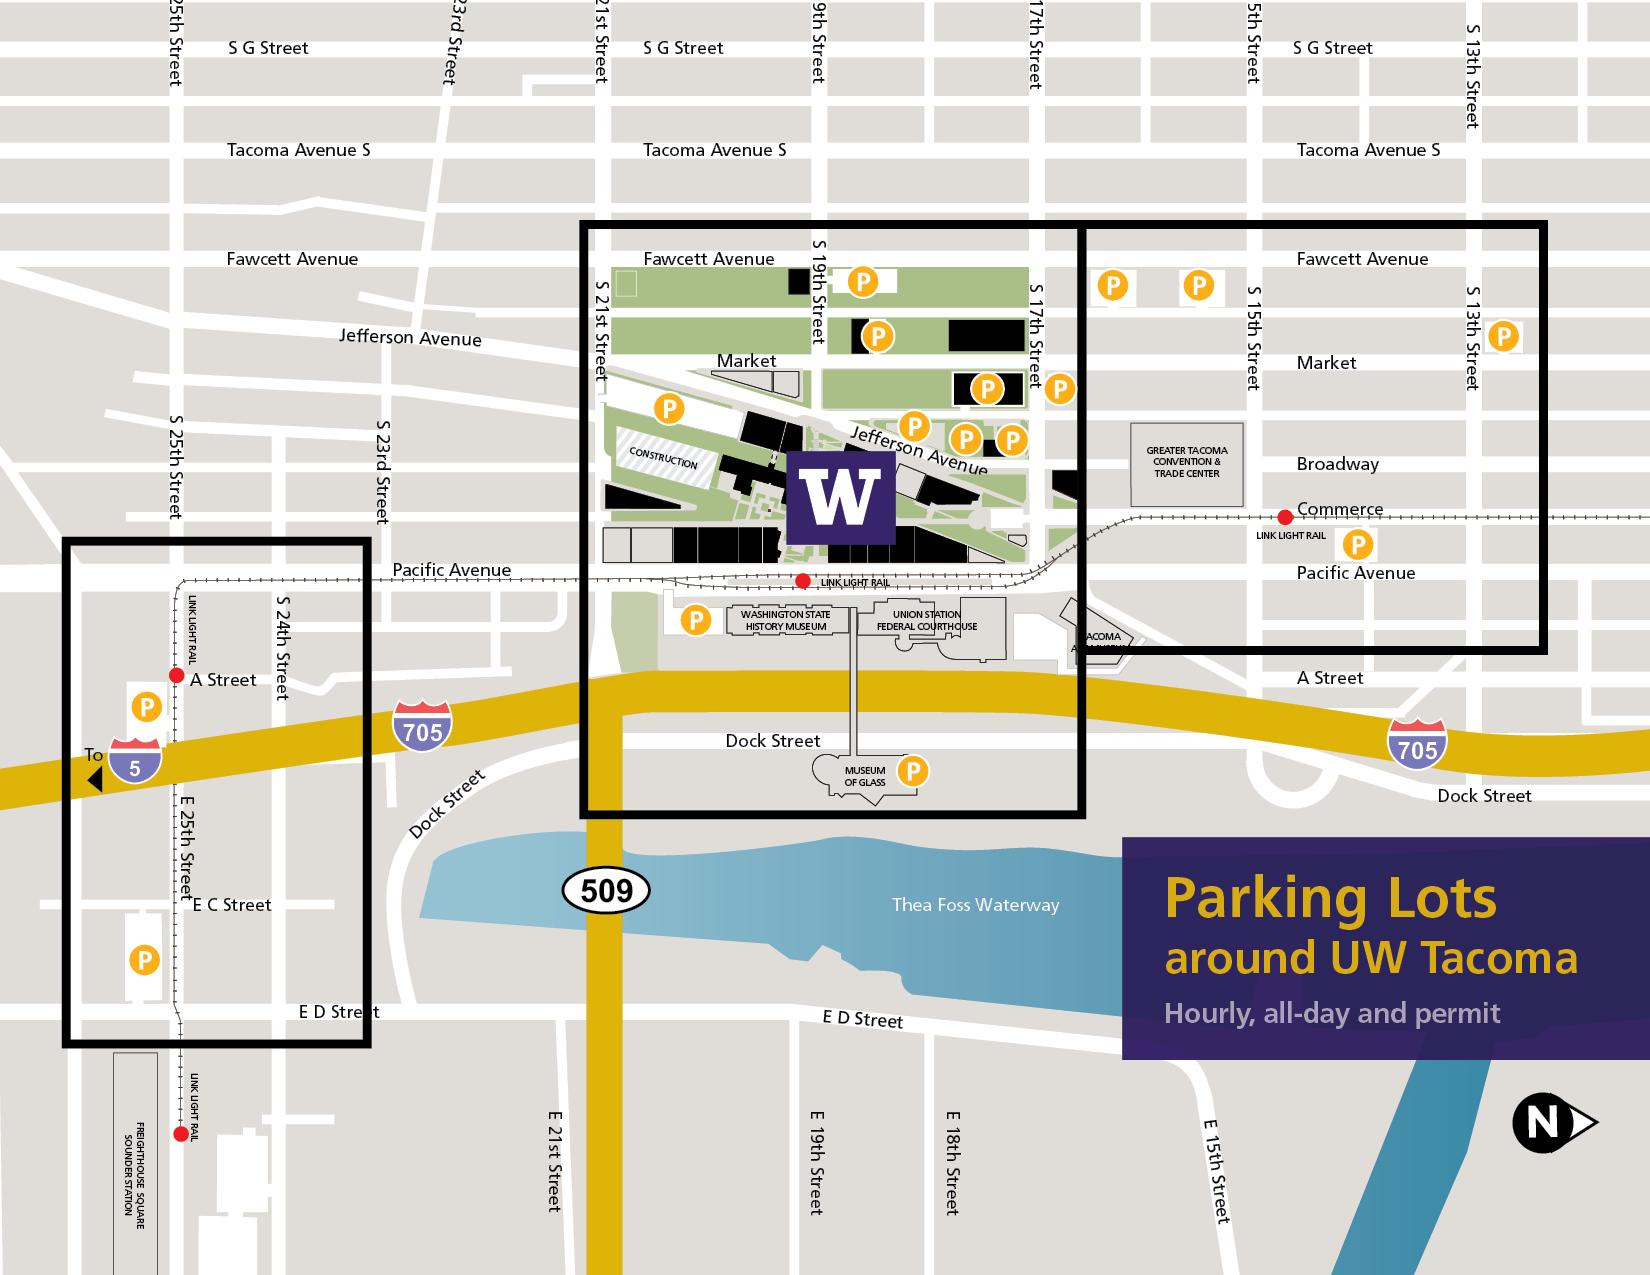 Full UWT Parking Map 2021